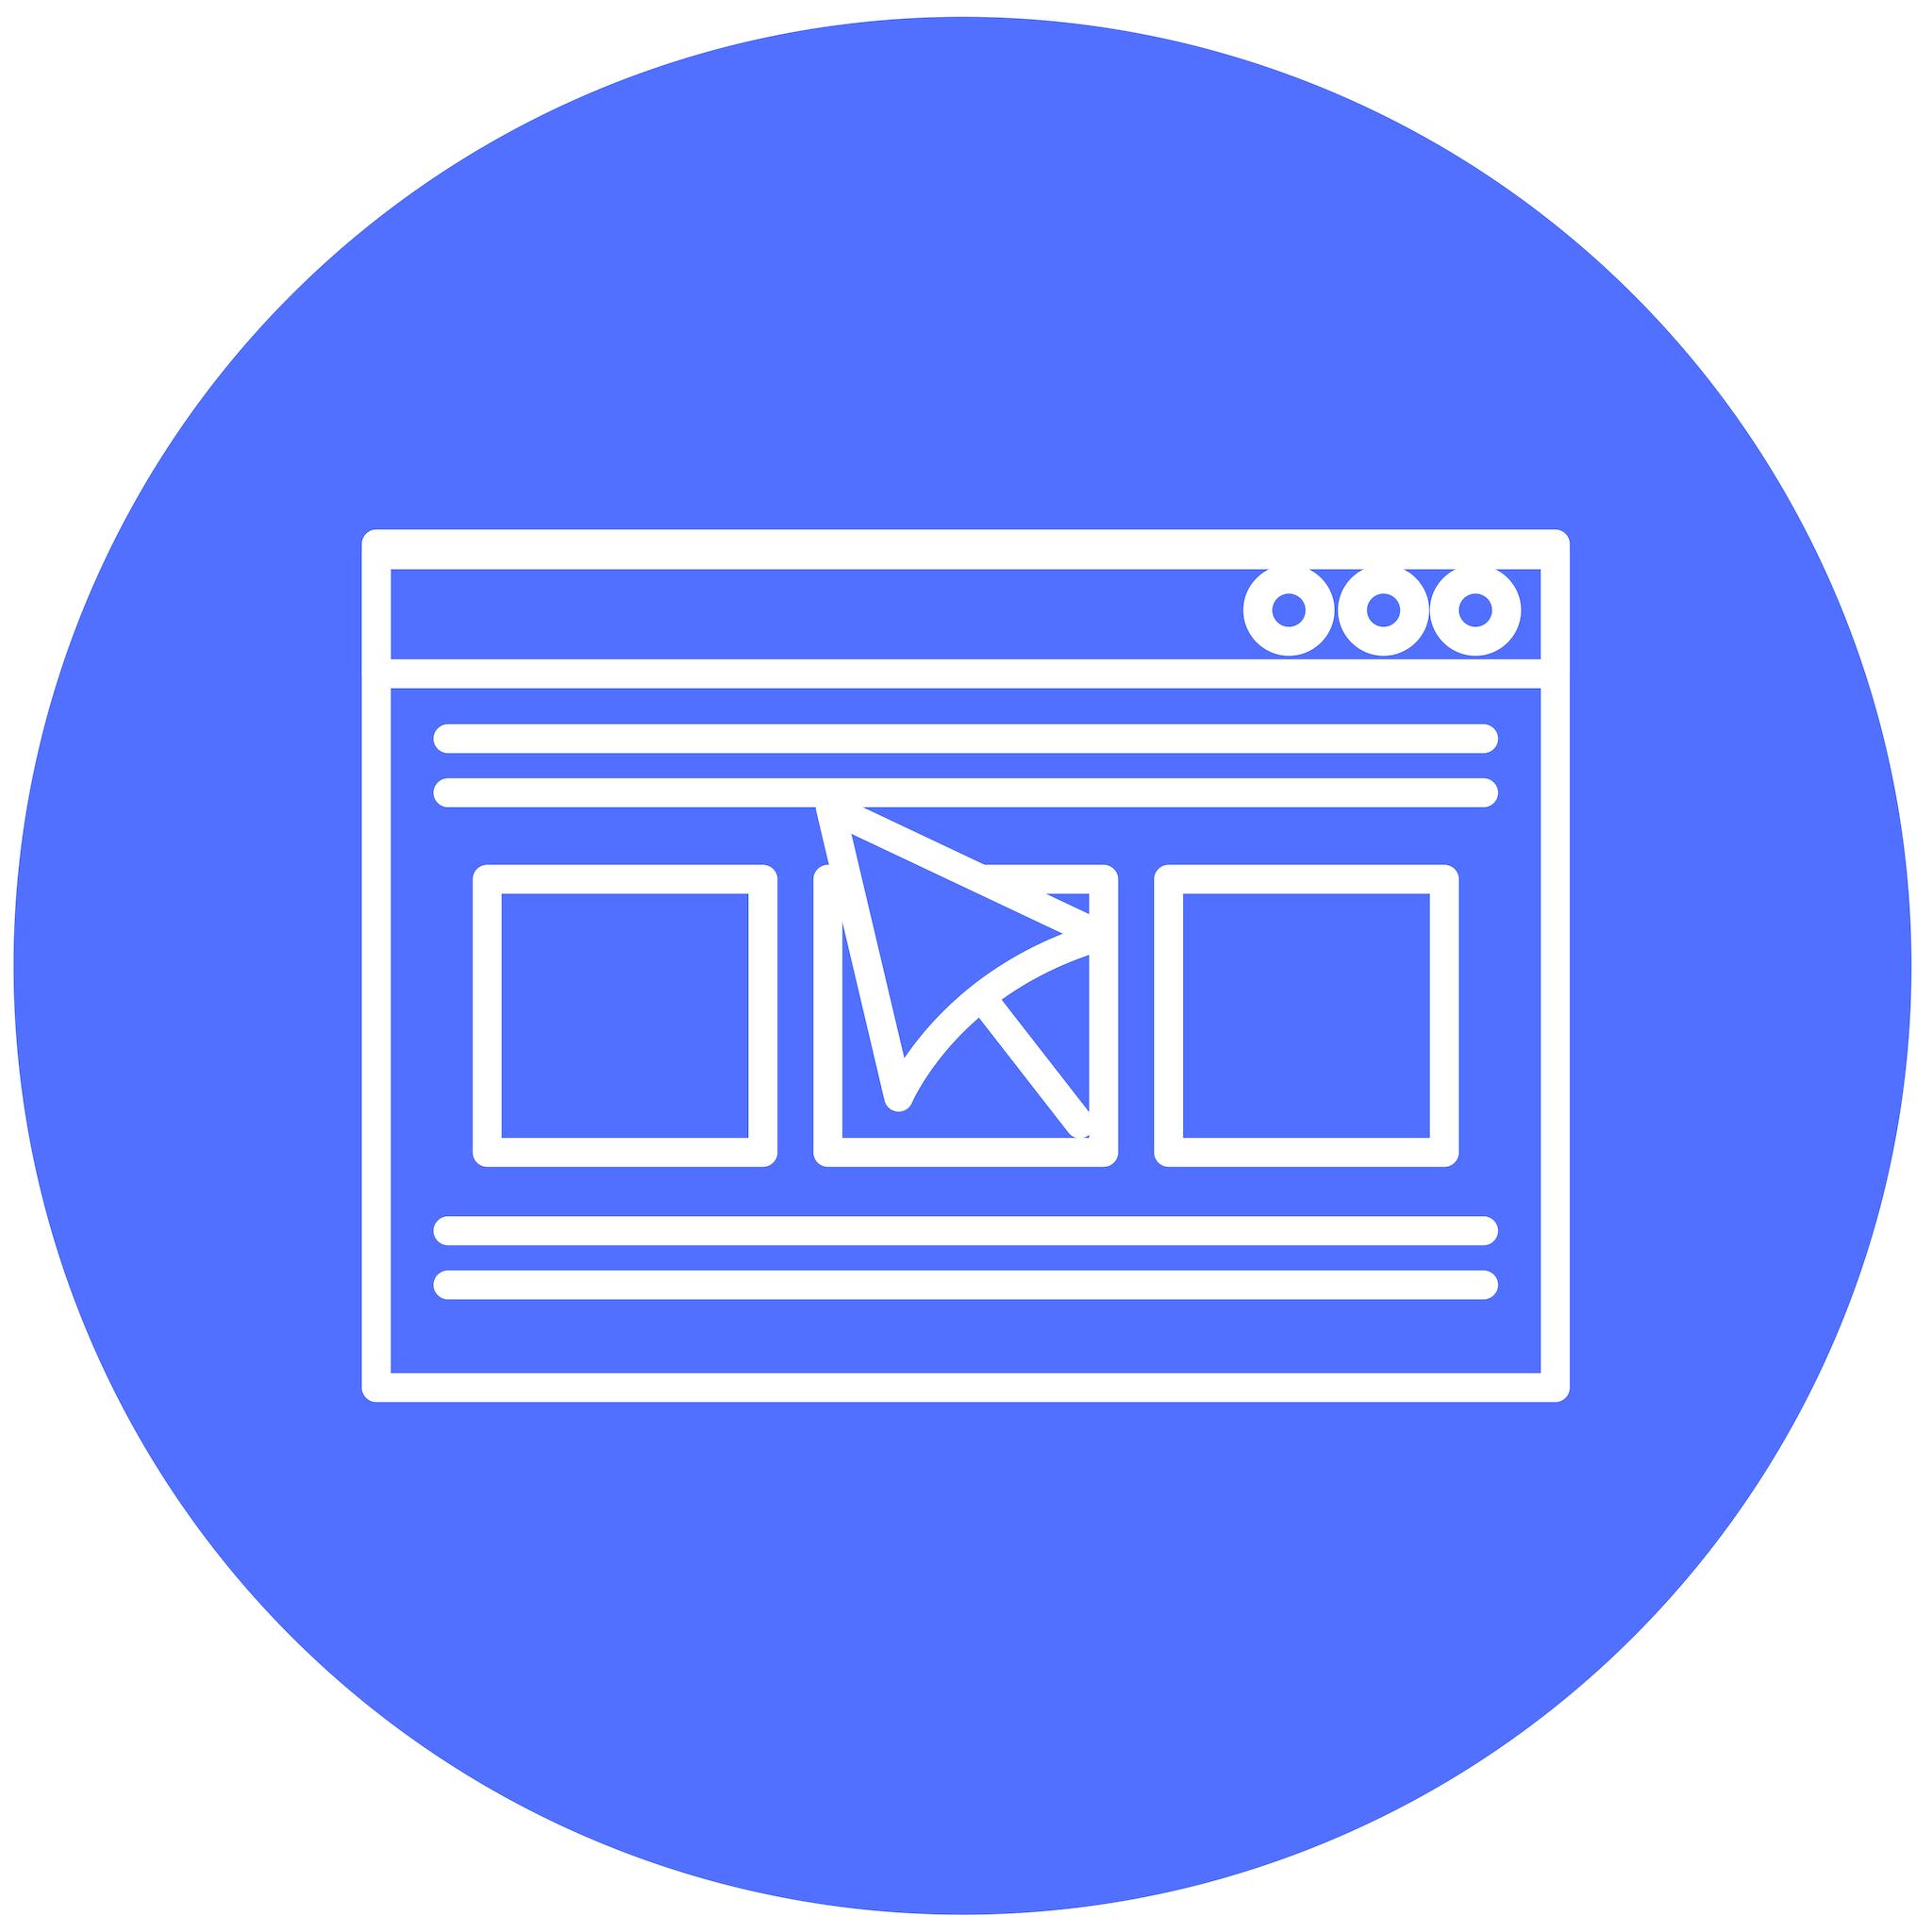 gerti_gligor_websitemanagement_skill.jpg